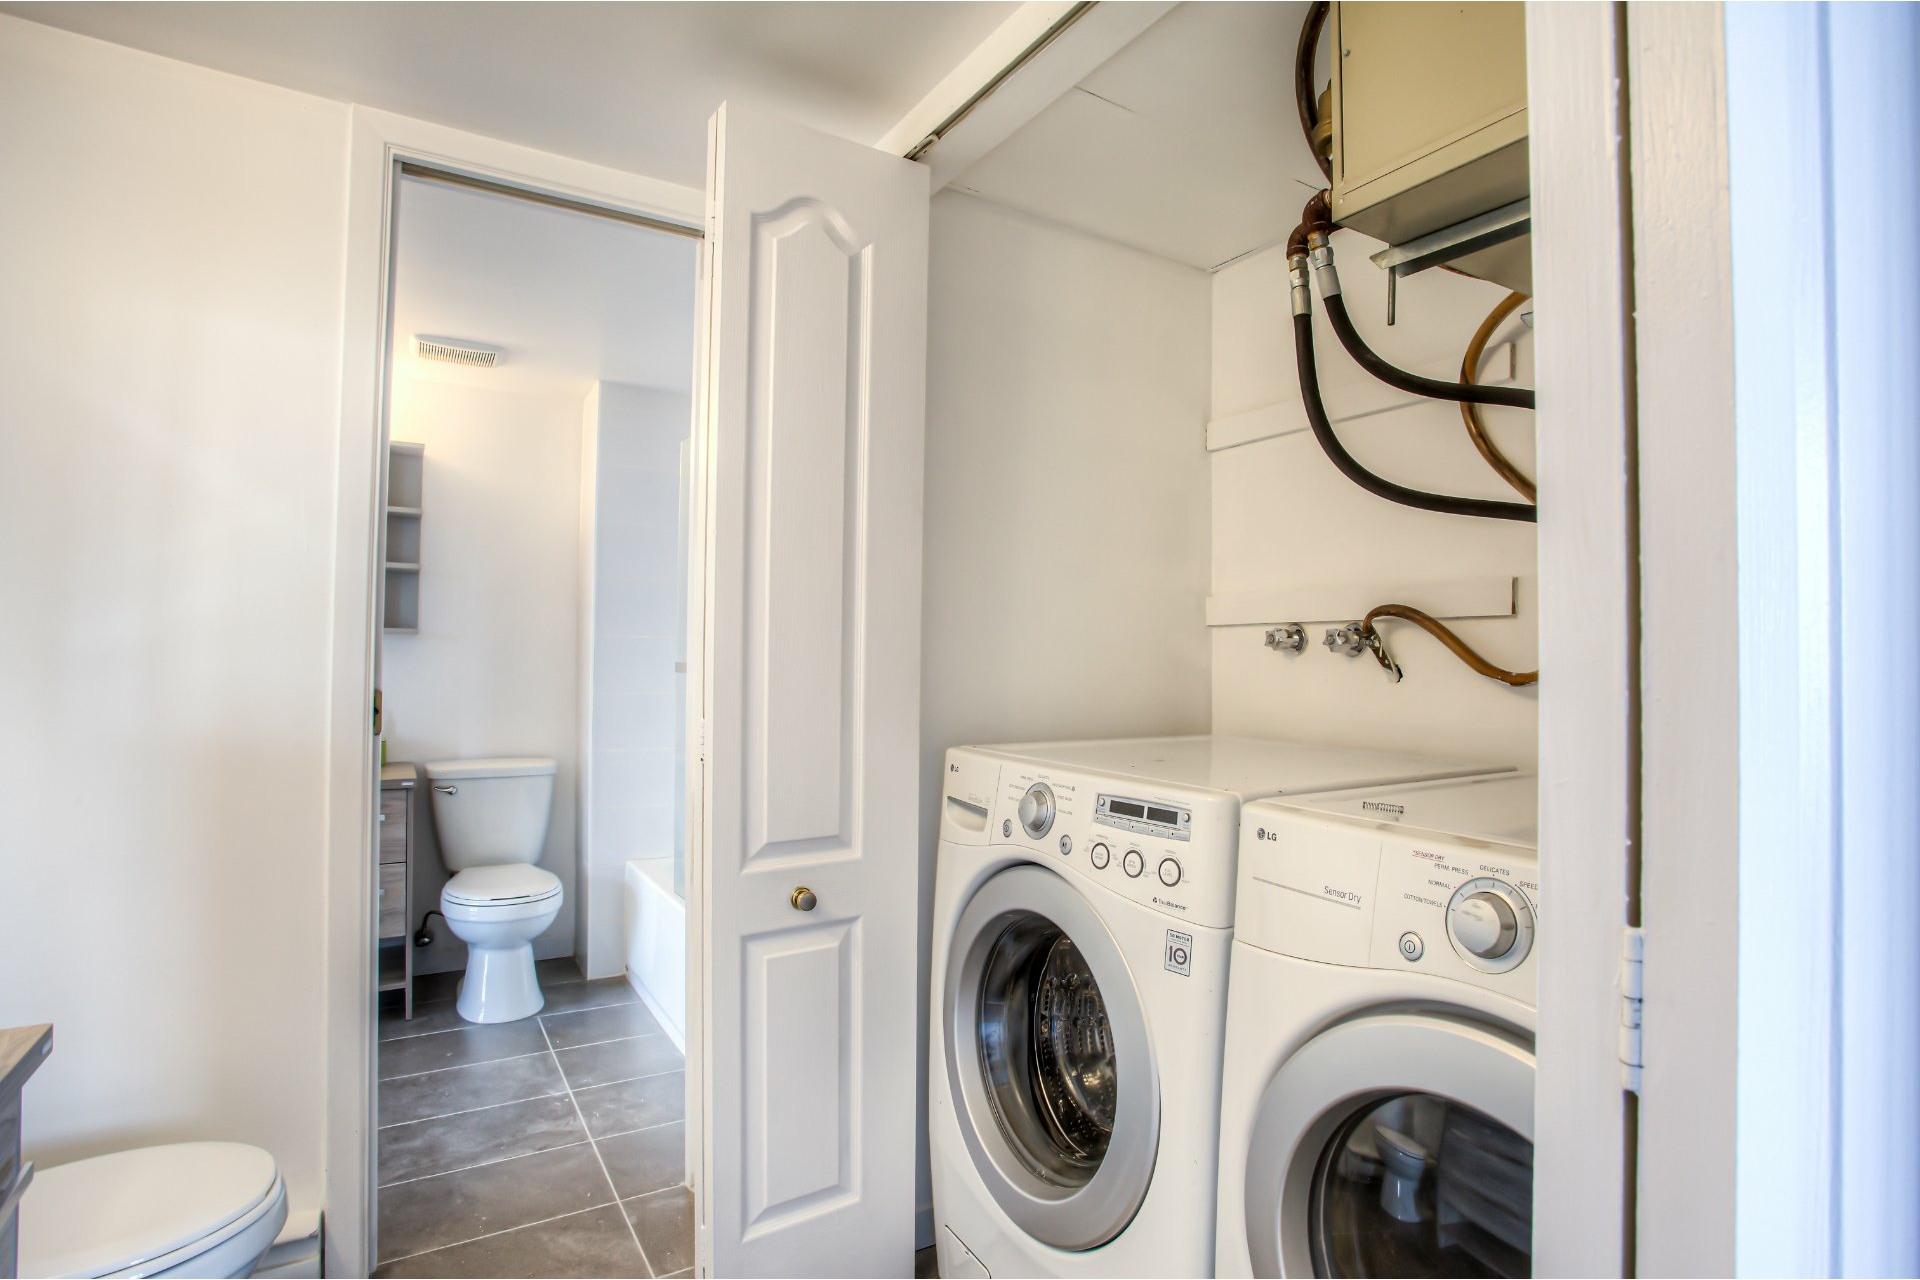 image 21 - Apartment For rent Saint-Laurent Montréal  - 8 rooms